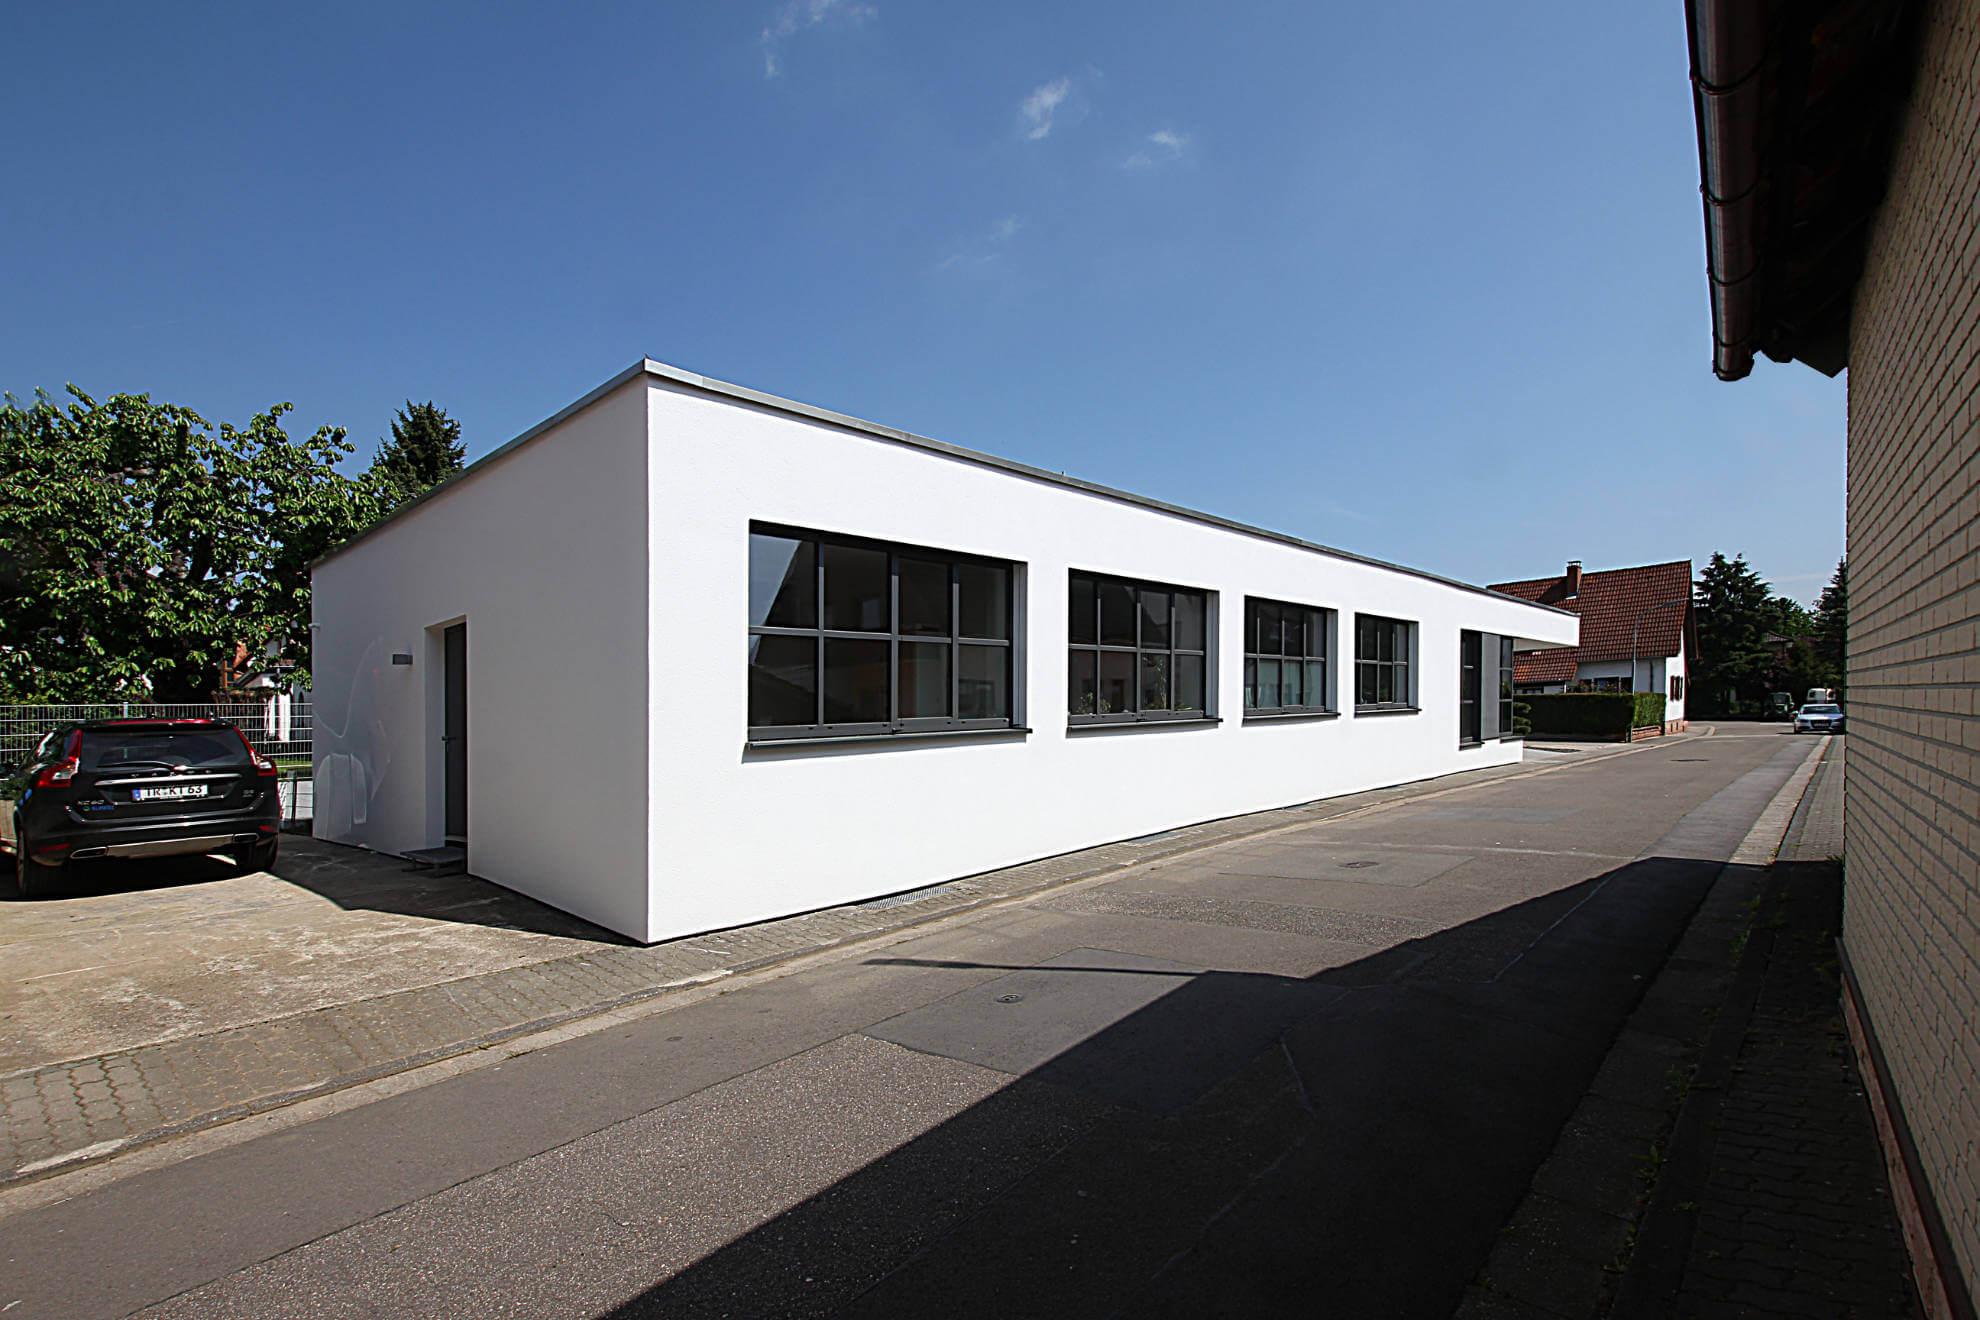 lx-a-03-marcbetz architekten